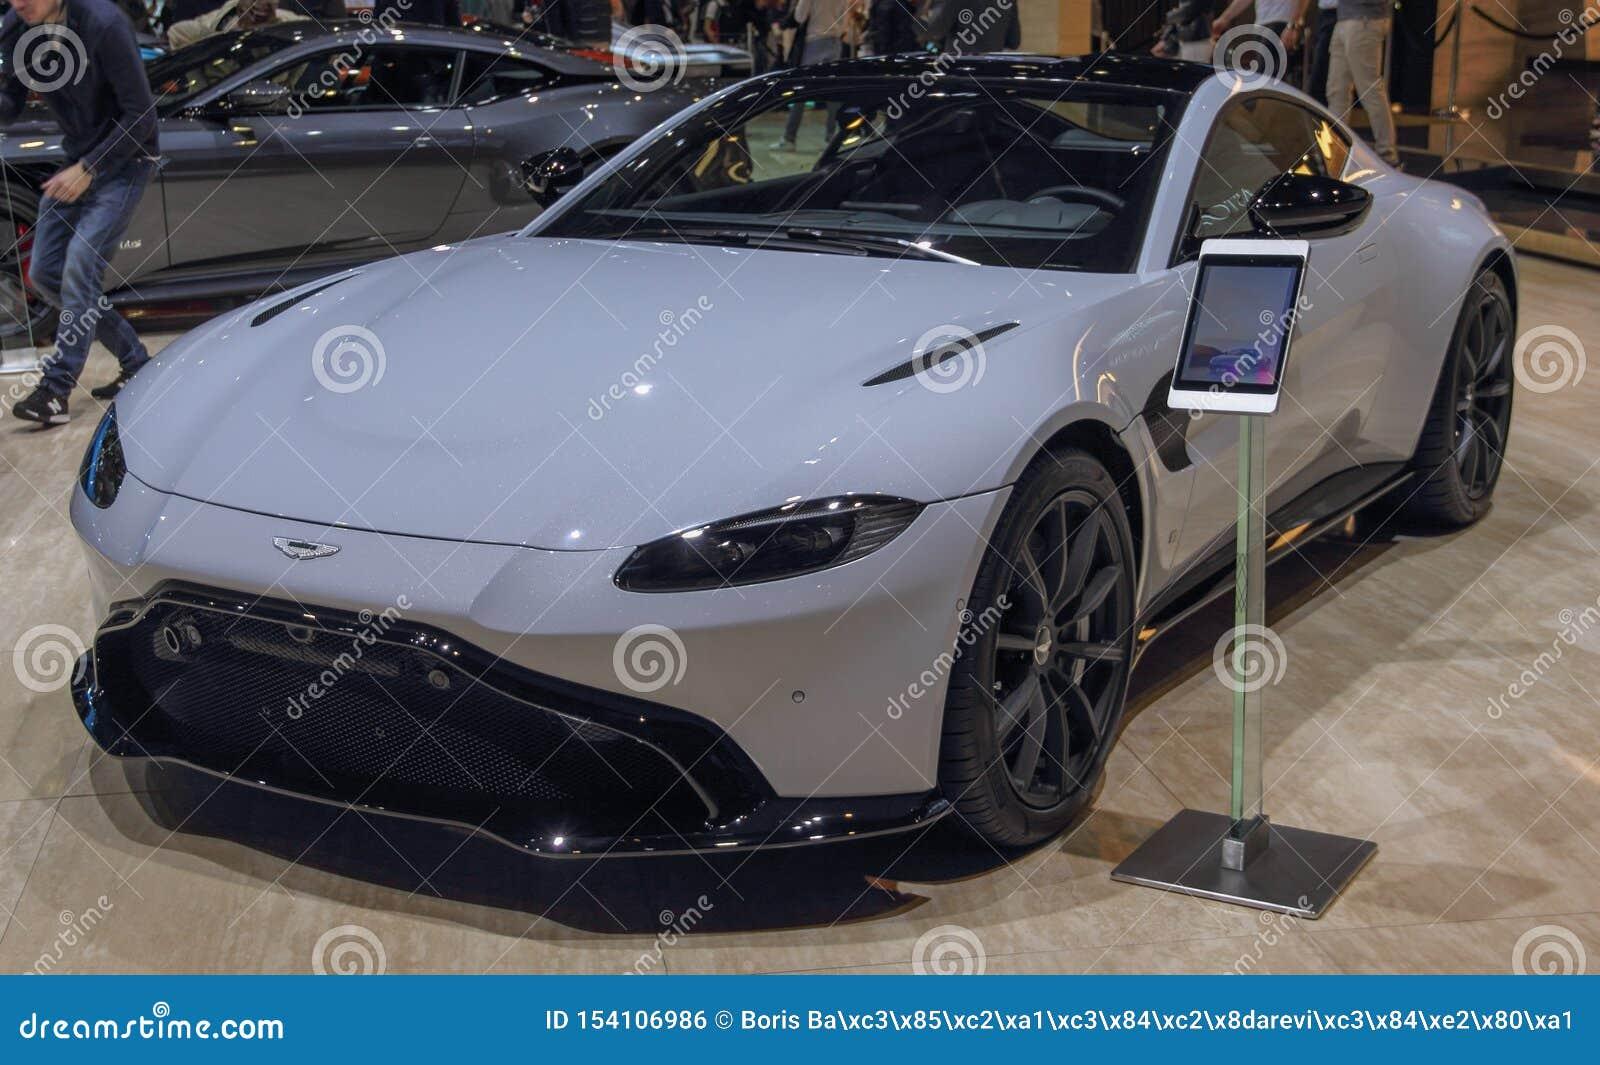 Suíça; Genebra; 10 de março de 2019; Asti Matrin; A 89th exposição automóvel internacional em Genebra do 7a ao 17a de março de 20